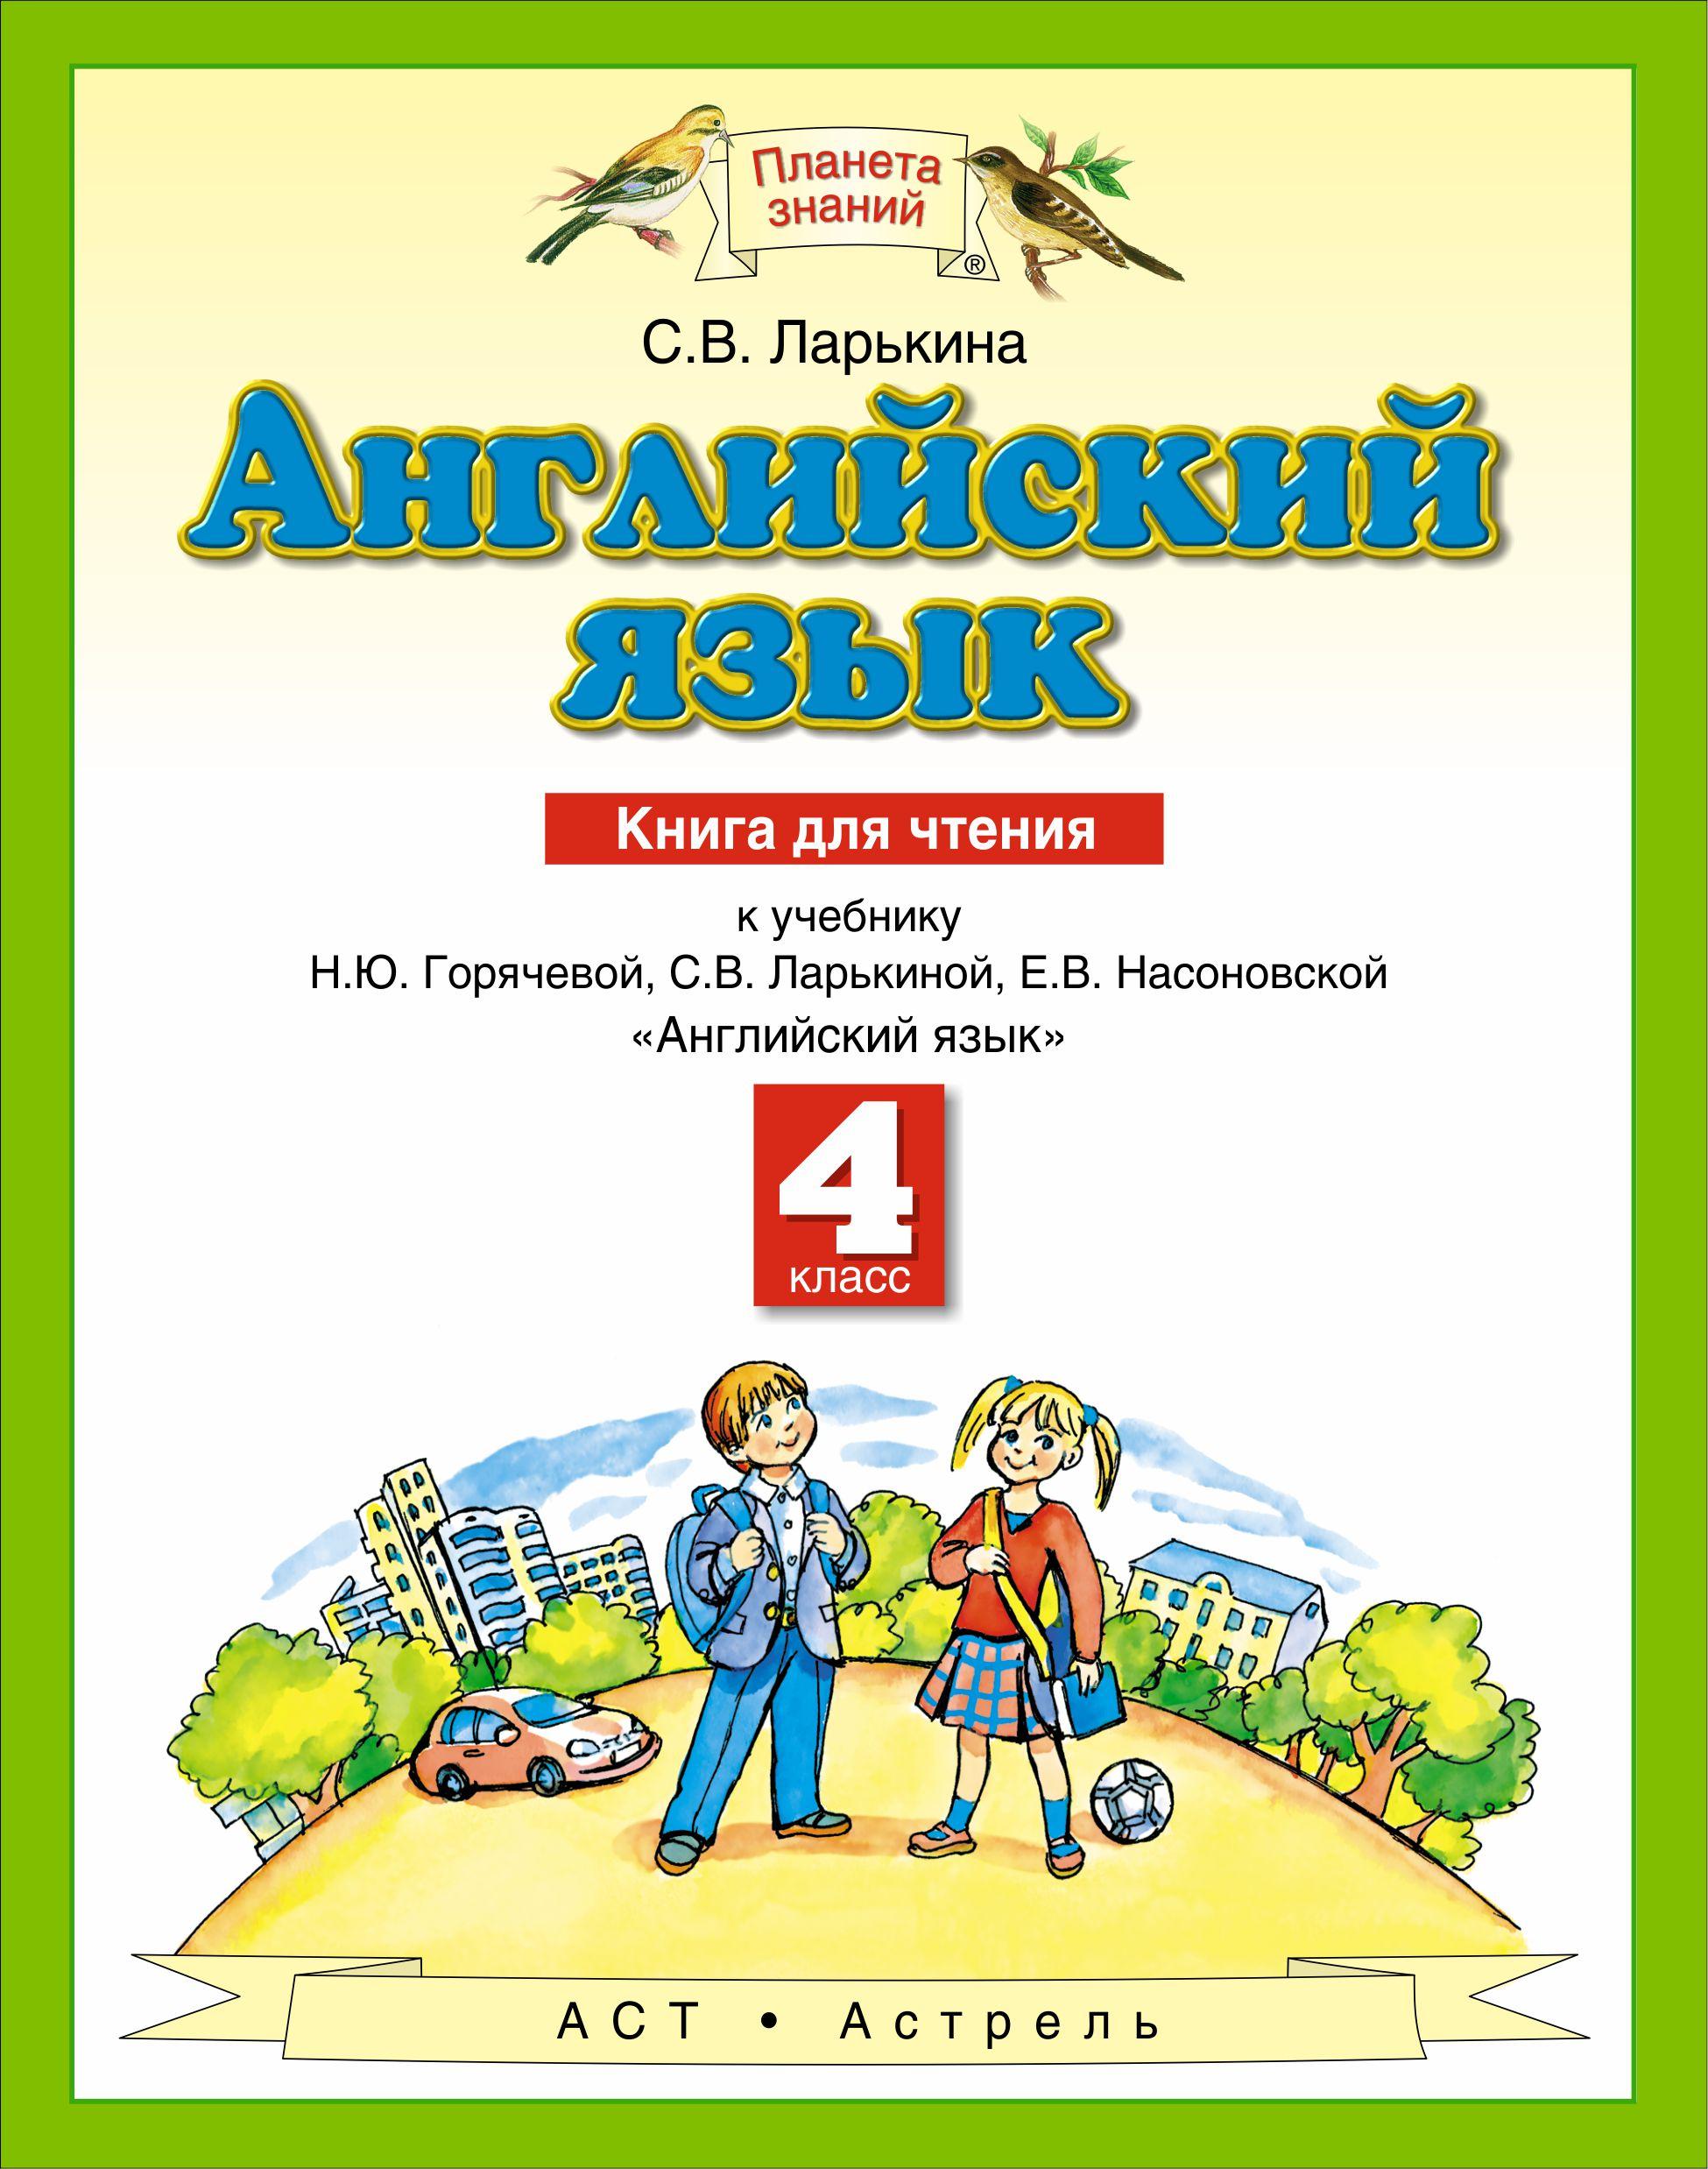 Ларькина С.В. Английский язык. 4 класс. Книга для чтения коллектив авторов английский язык для медиков